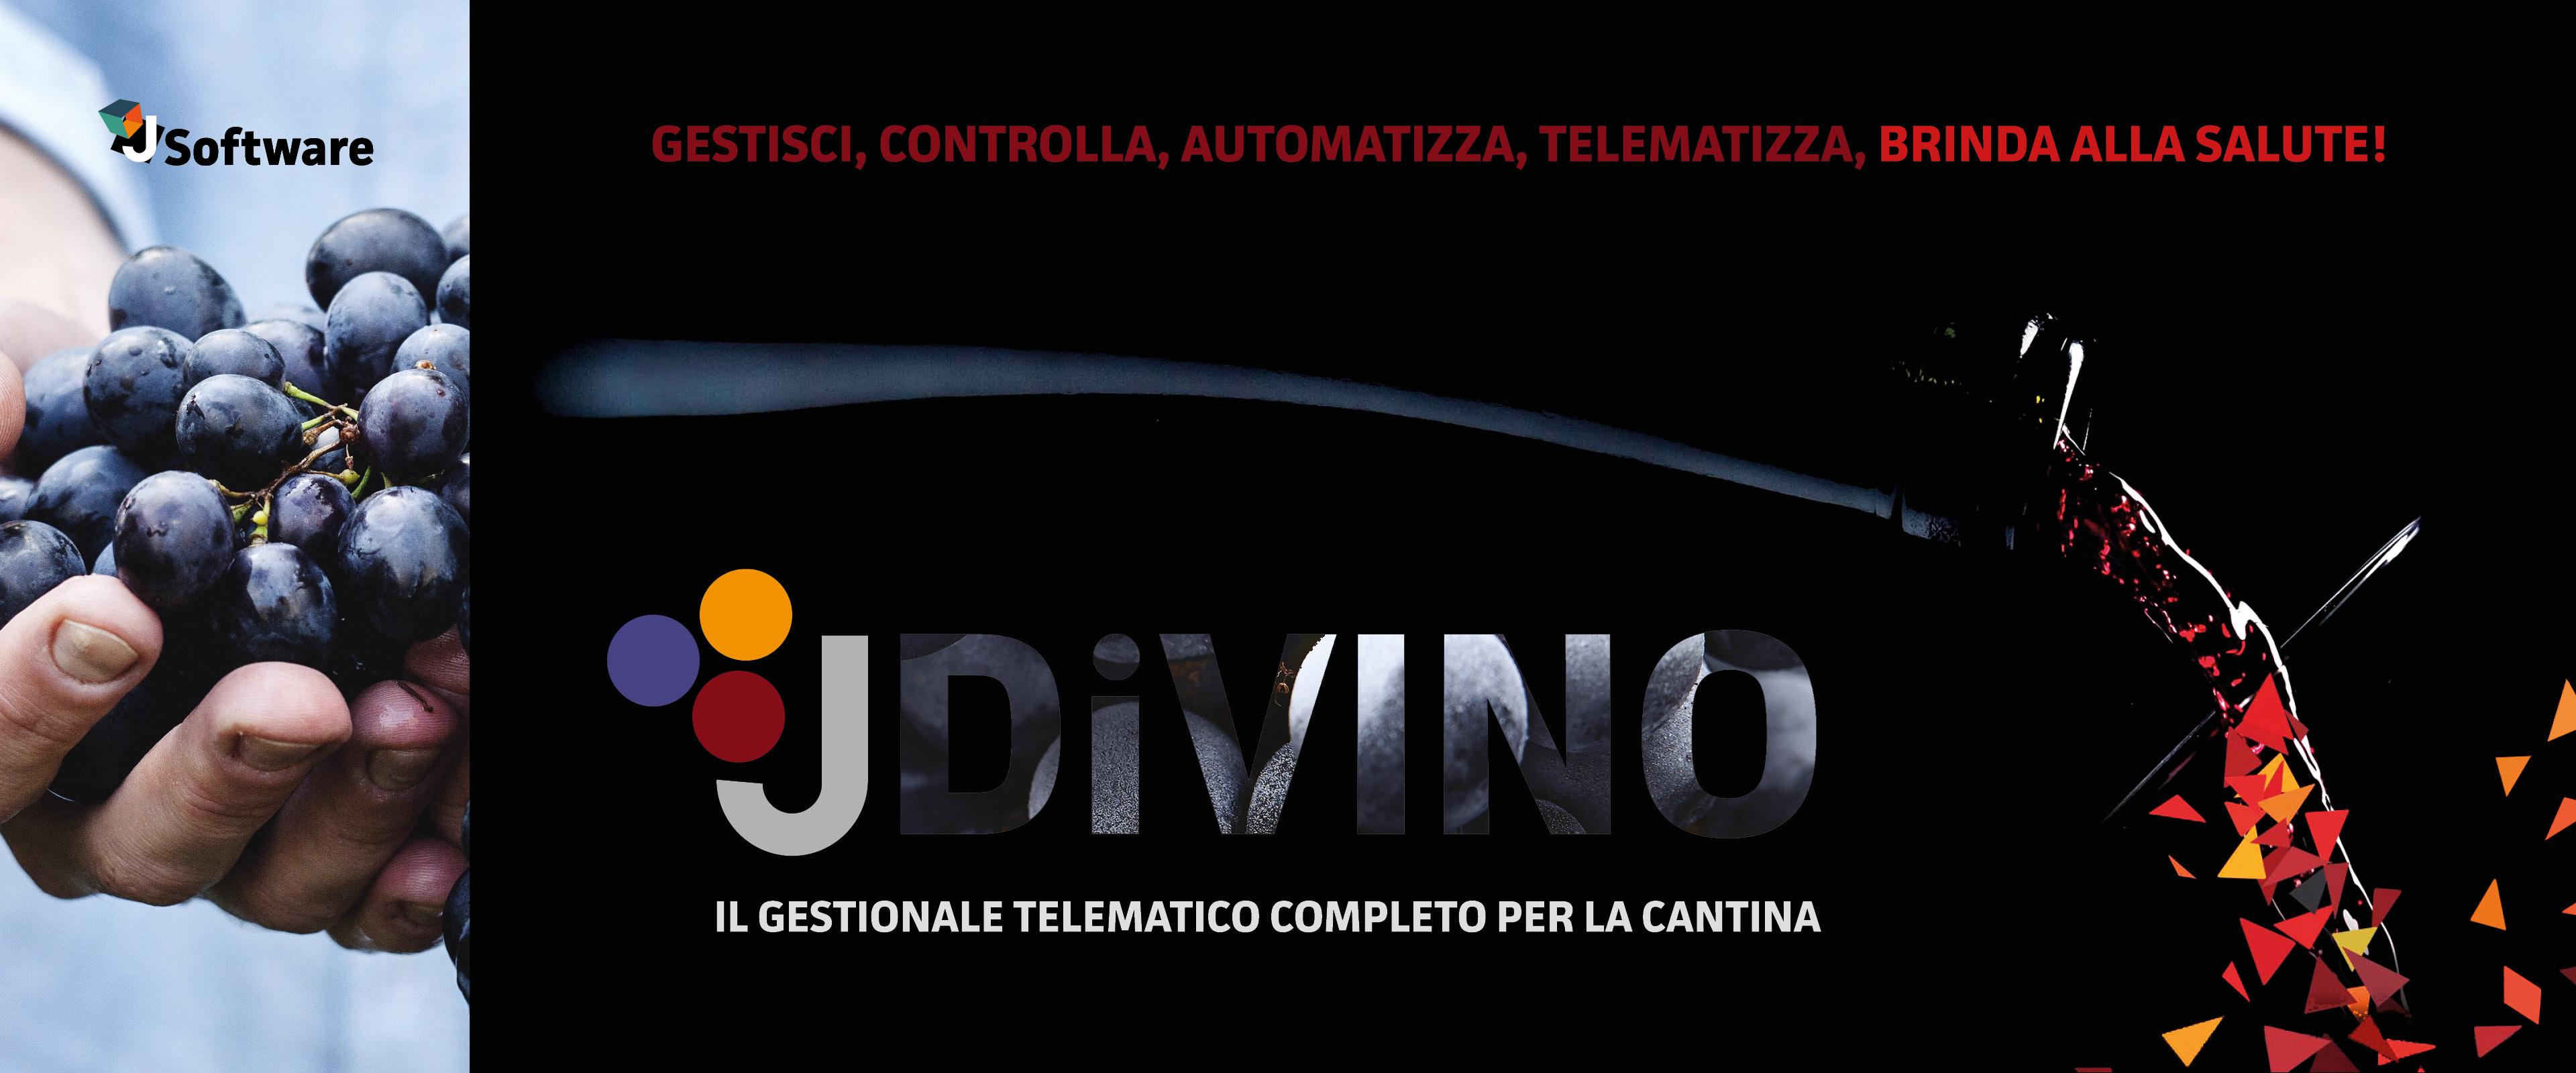 BANNER-J-DiVino